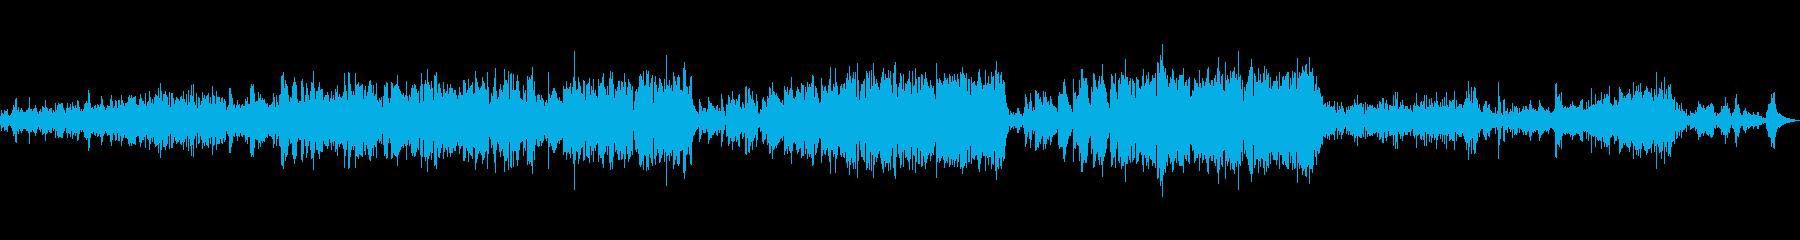 ジャズ 静か お洒落 クール やる...の再生済みの波形